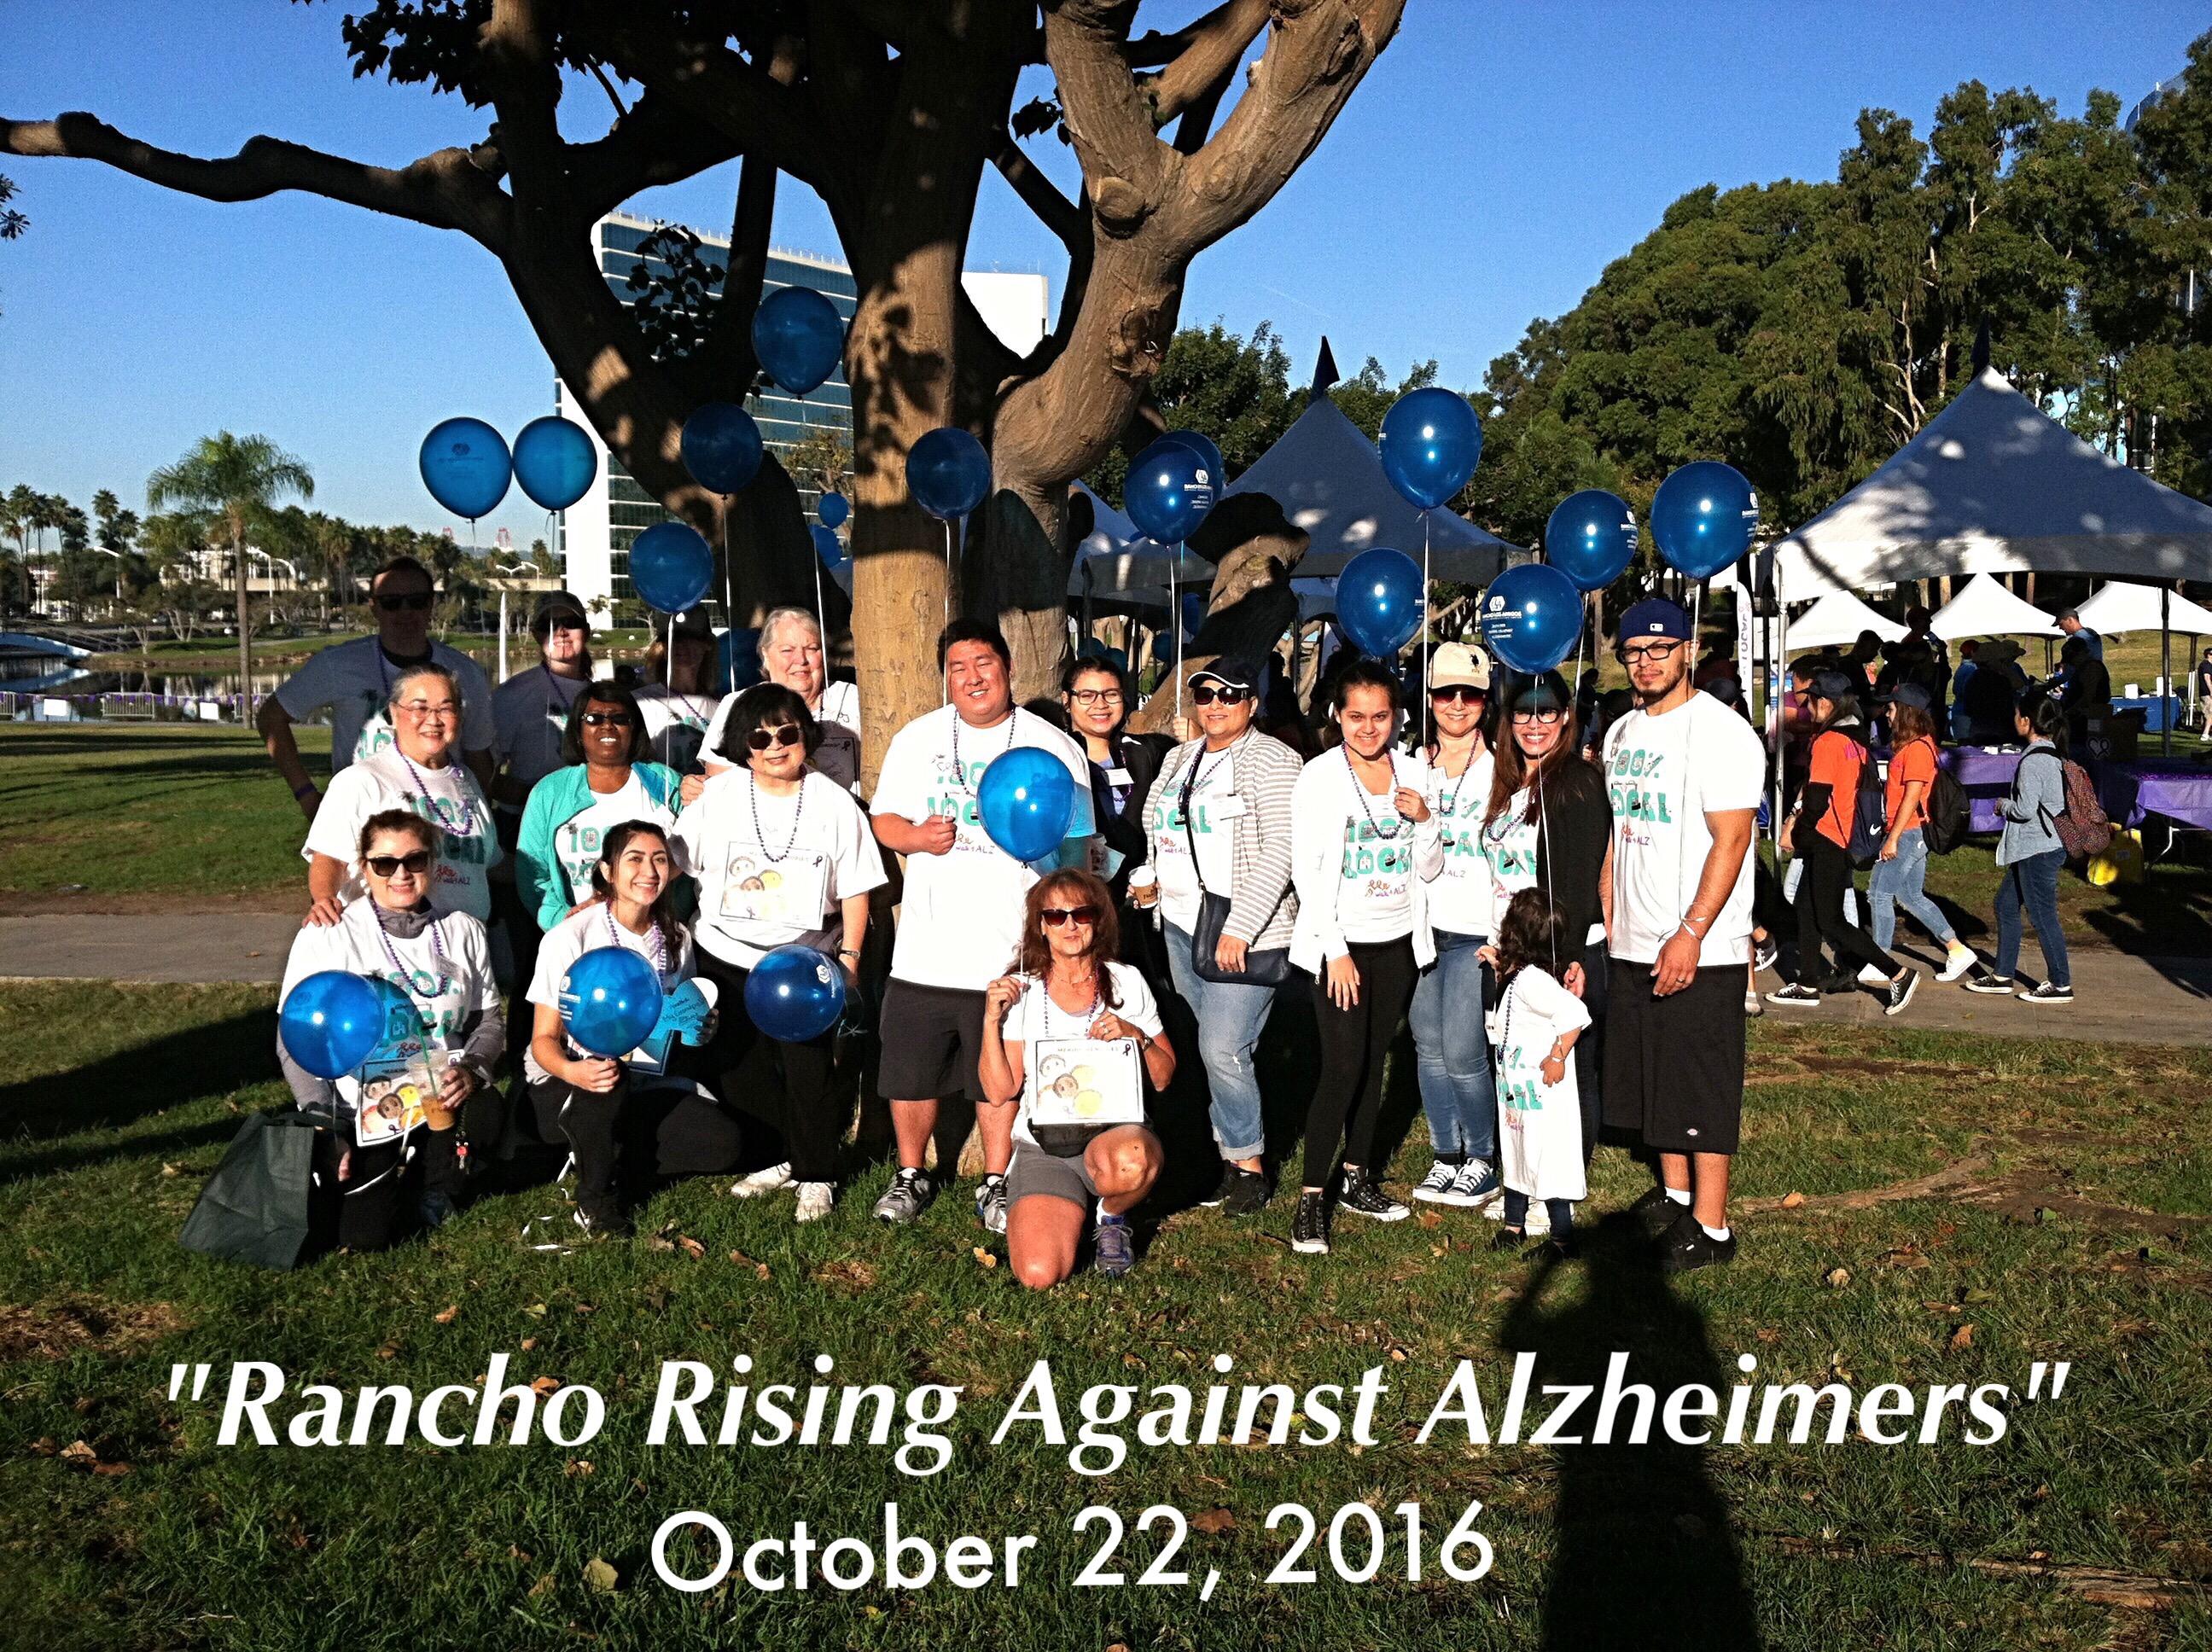 Rancho Los Amigos Alzheimer's